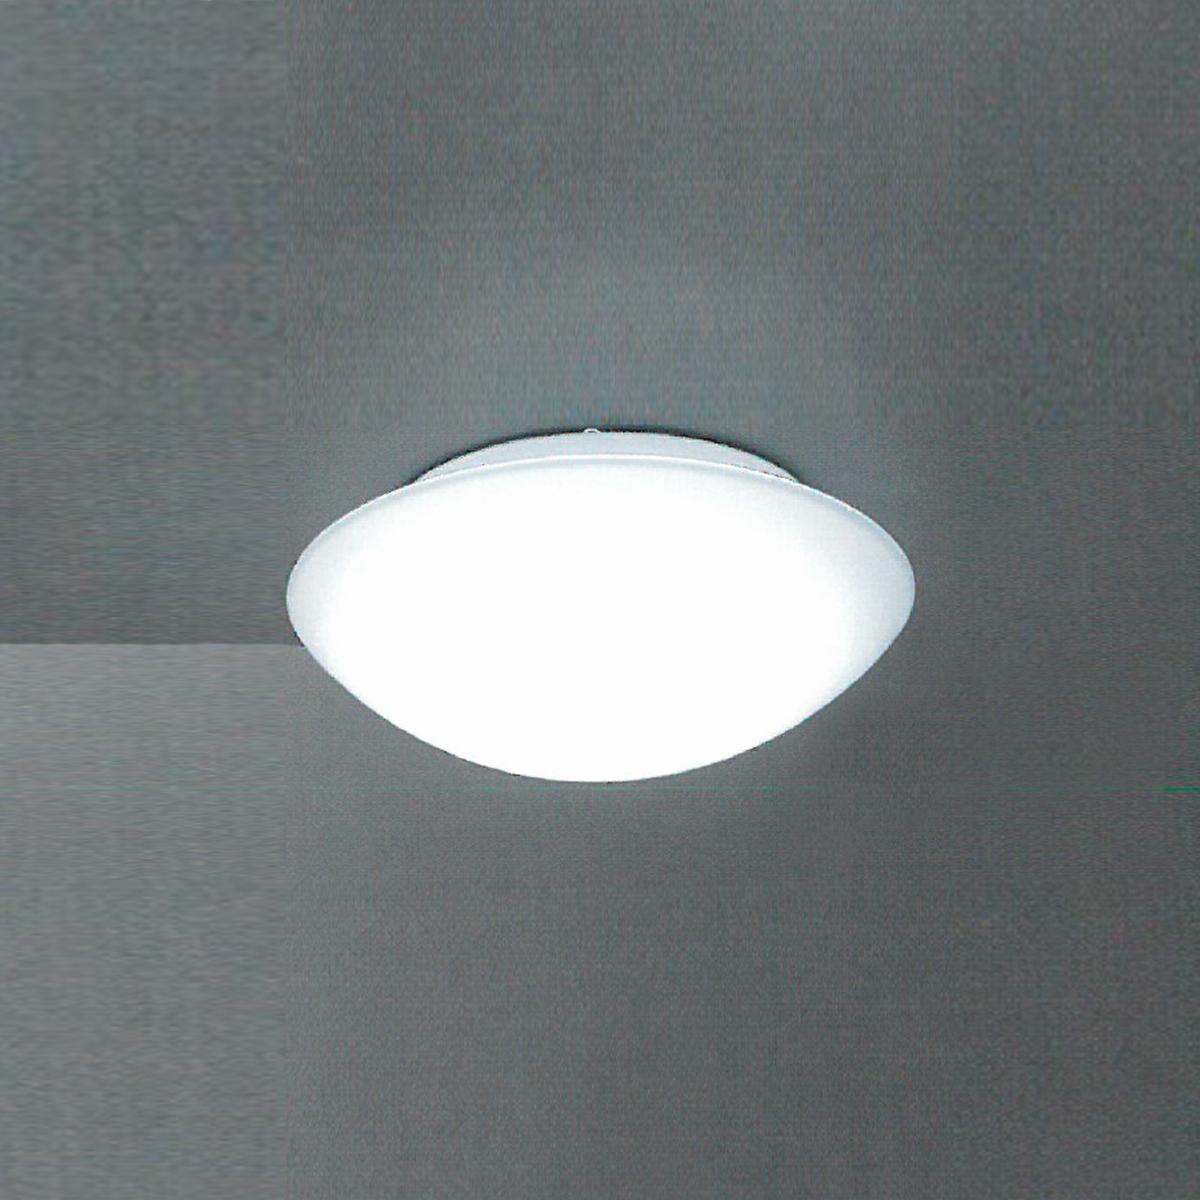 Bankamp Muri LED Deckenleuchte 7652/260-07